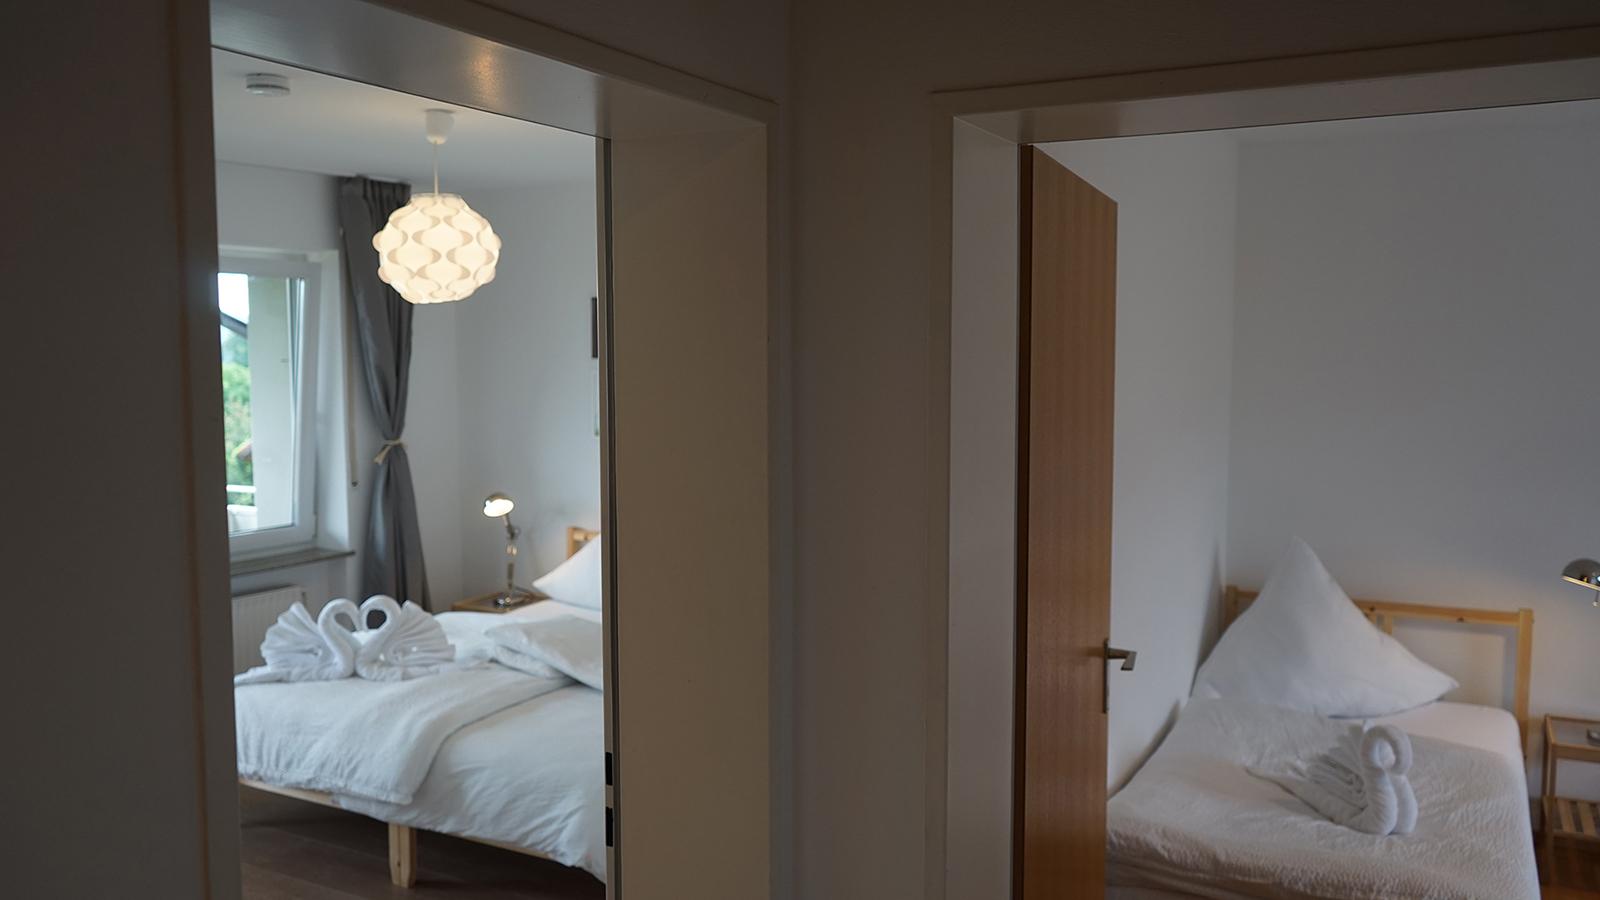 Ferienwohnung am Bodensee: Weitblick - Schlaf-/Kinderzimmer